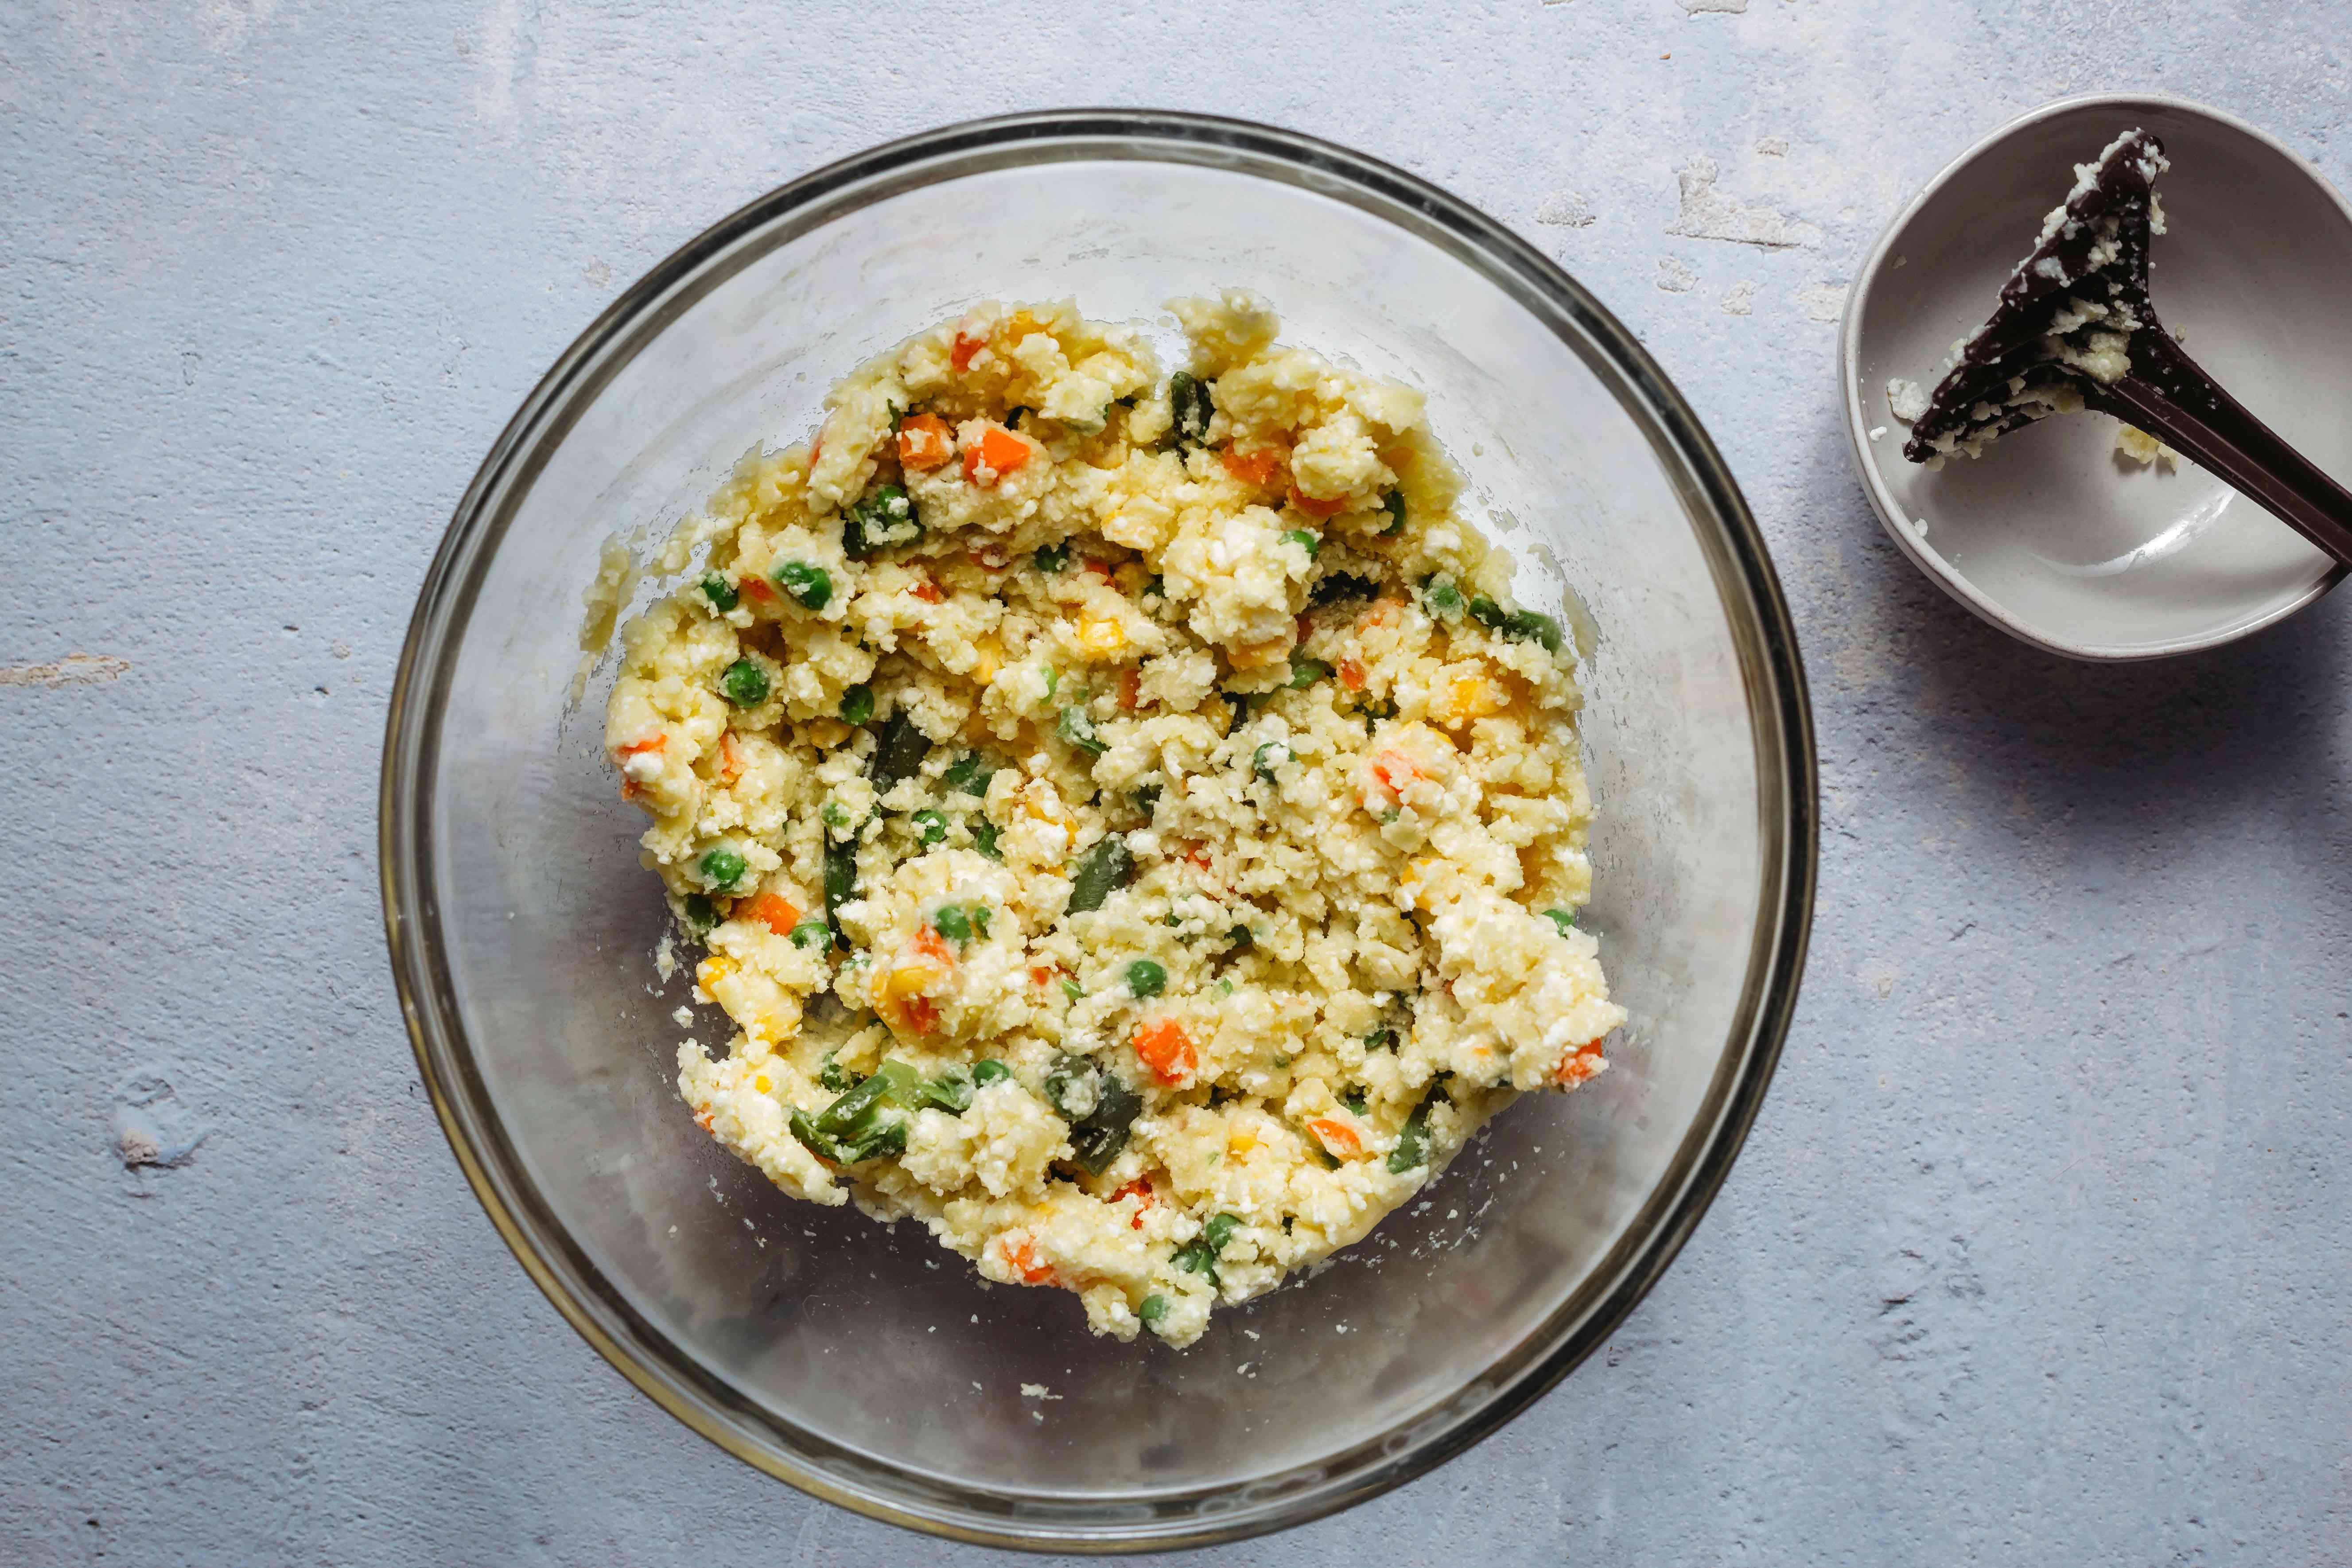 vegetables mashed together